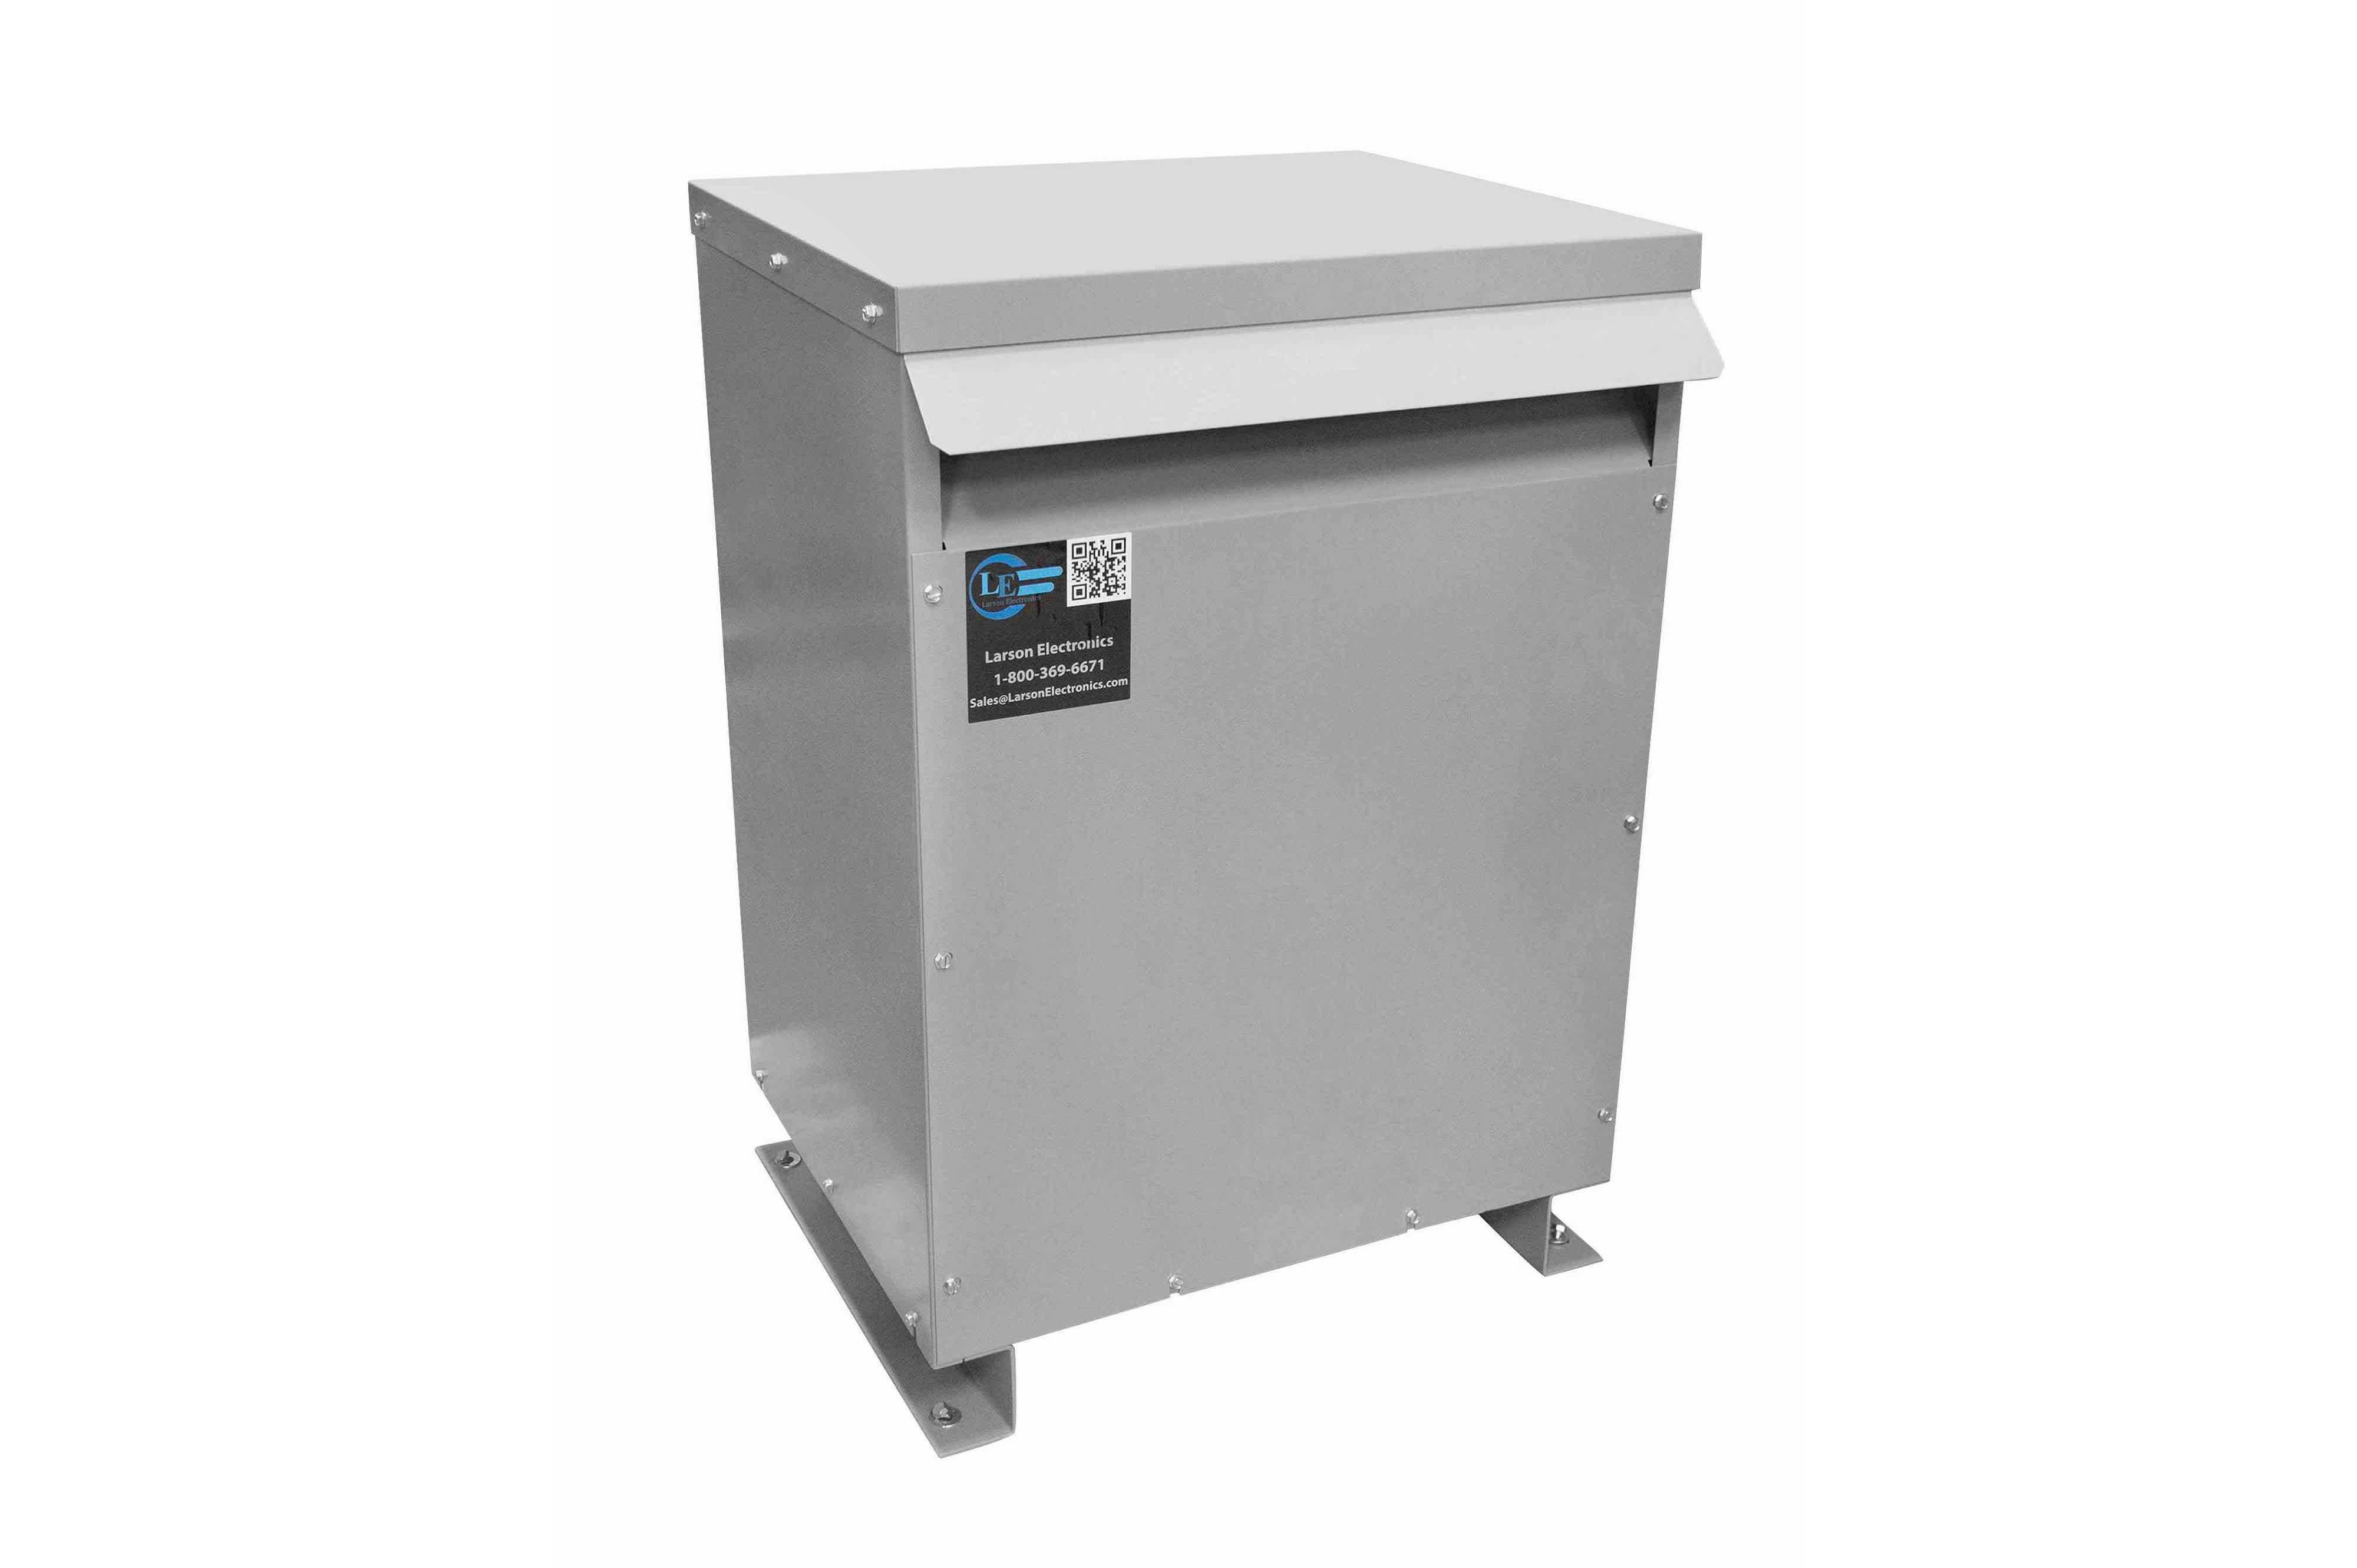 47.5 kVA 3PH Isolation Transformer, 208V Delta Primary, 600V Delta Secondary, N3R, Ventilated, 60 Hz